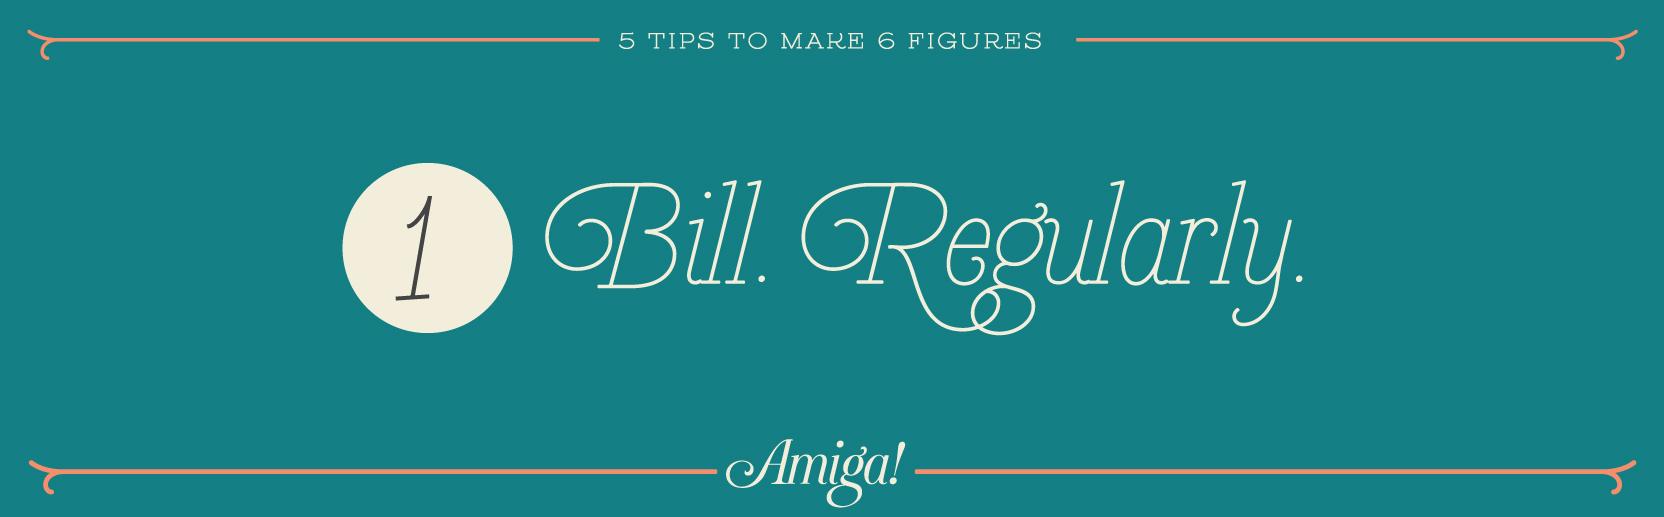 Amiga_tipsForSixFigs_working1.jpg